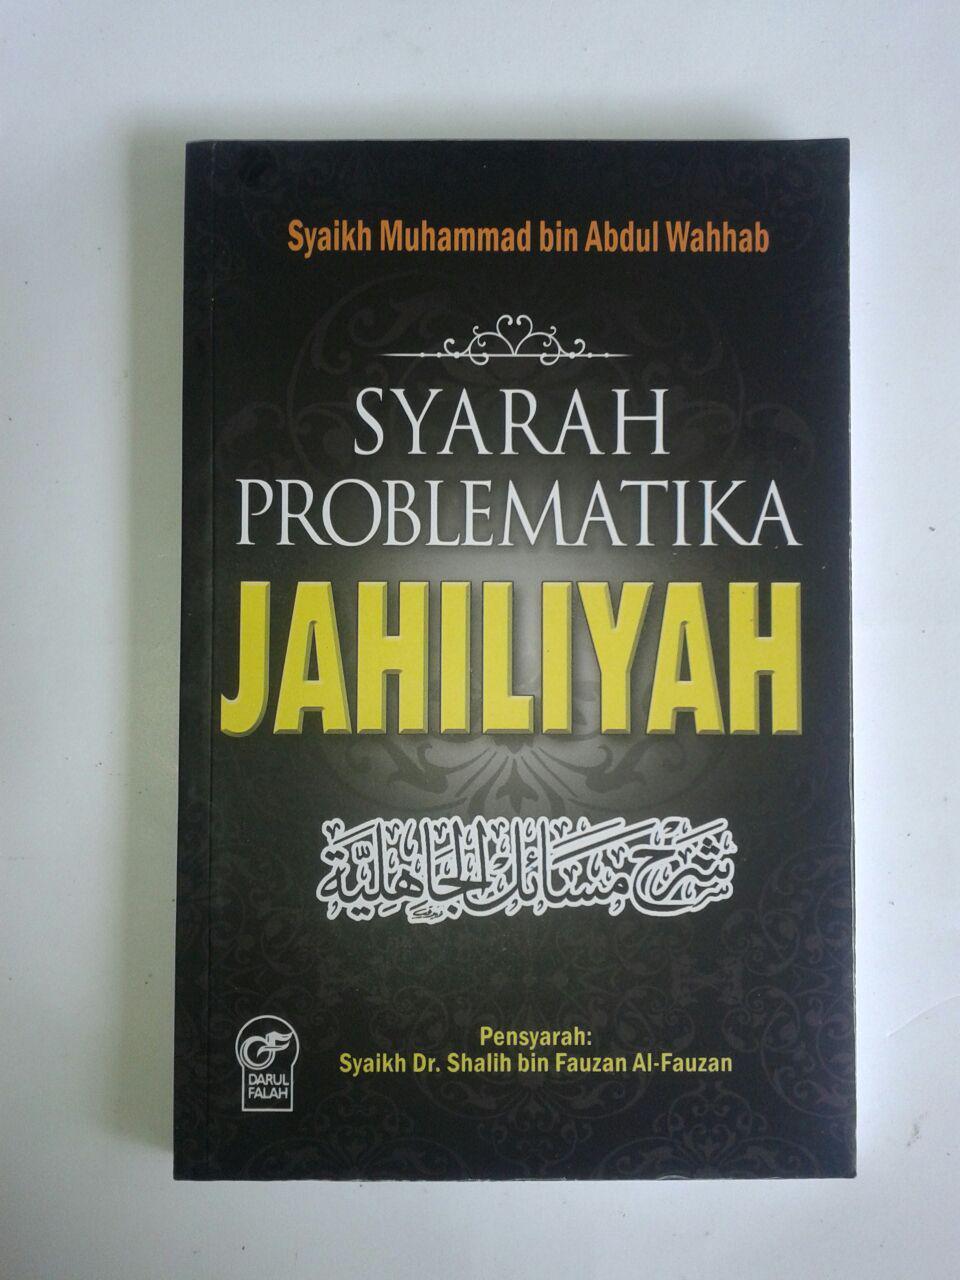 Buku Syarah Problematika Jahiliyah cover 2